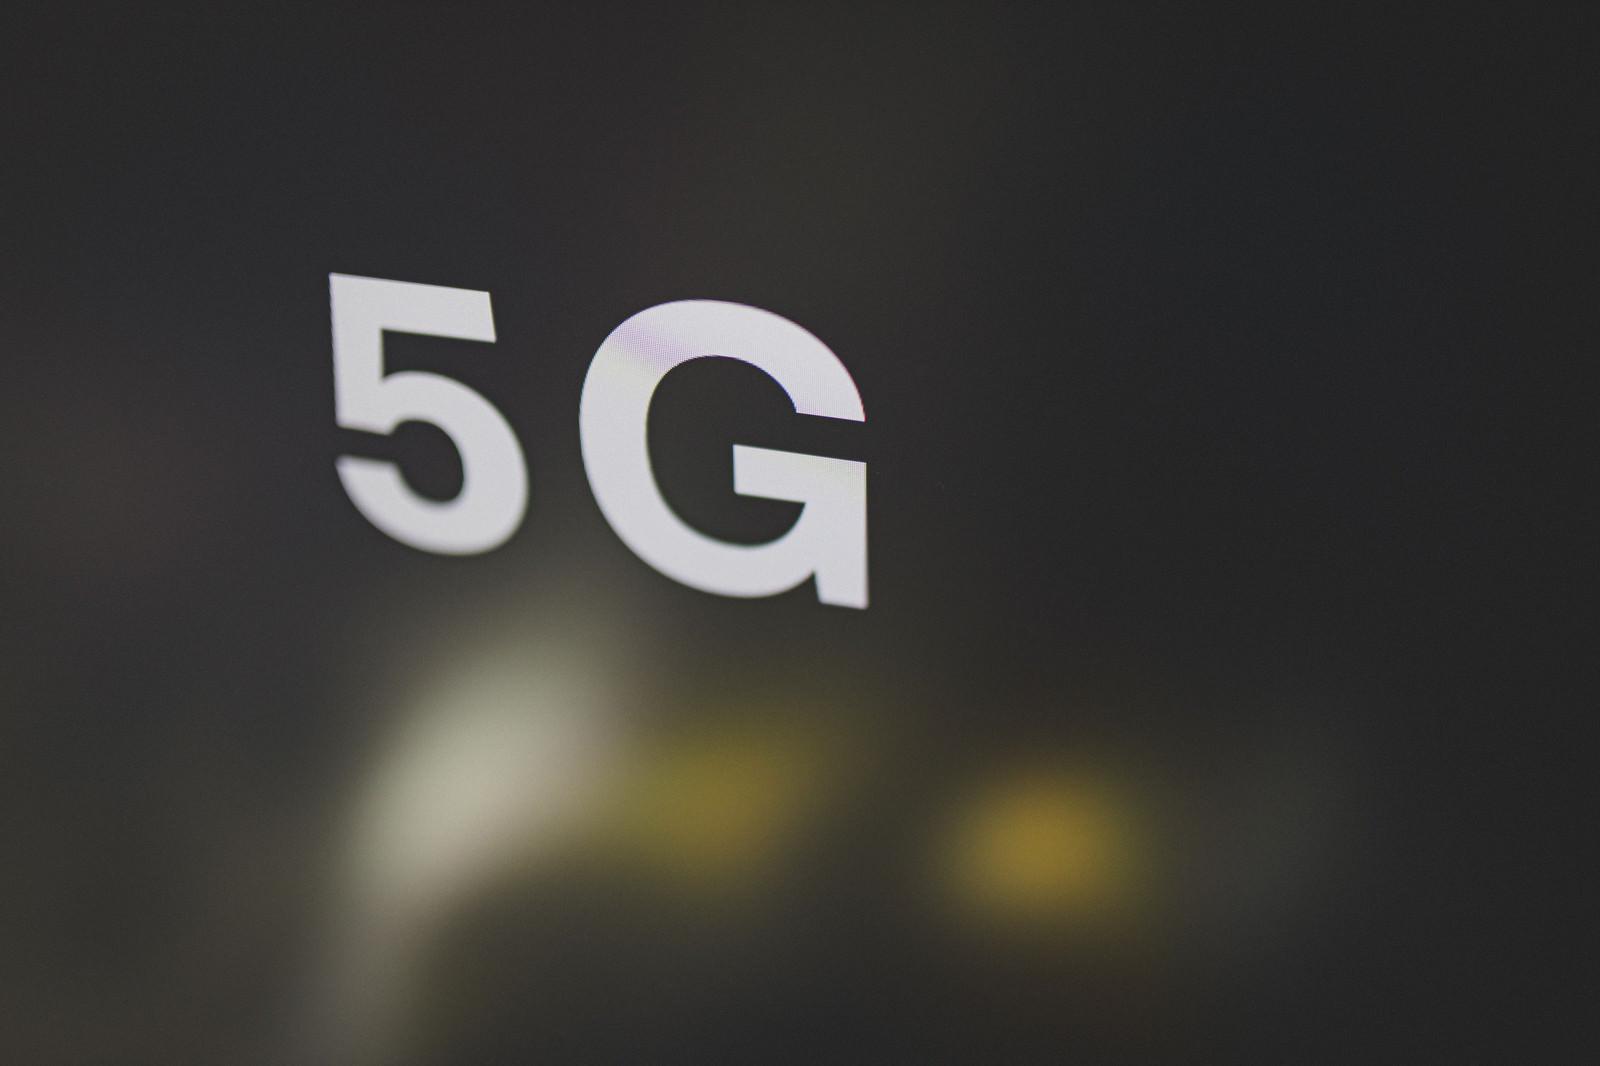 「5G(第5世代移動通信システム)」の写真